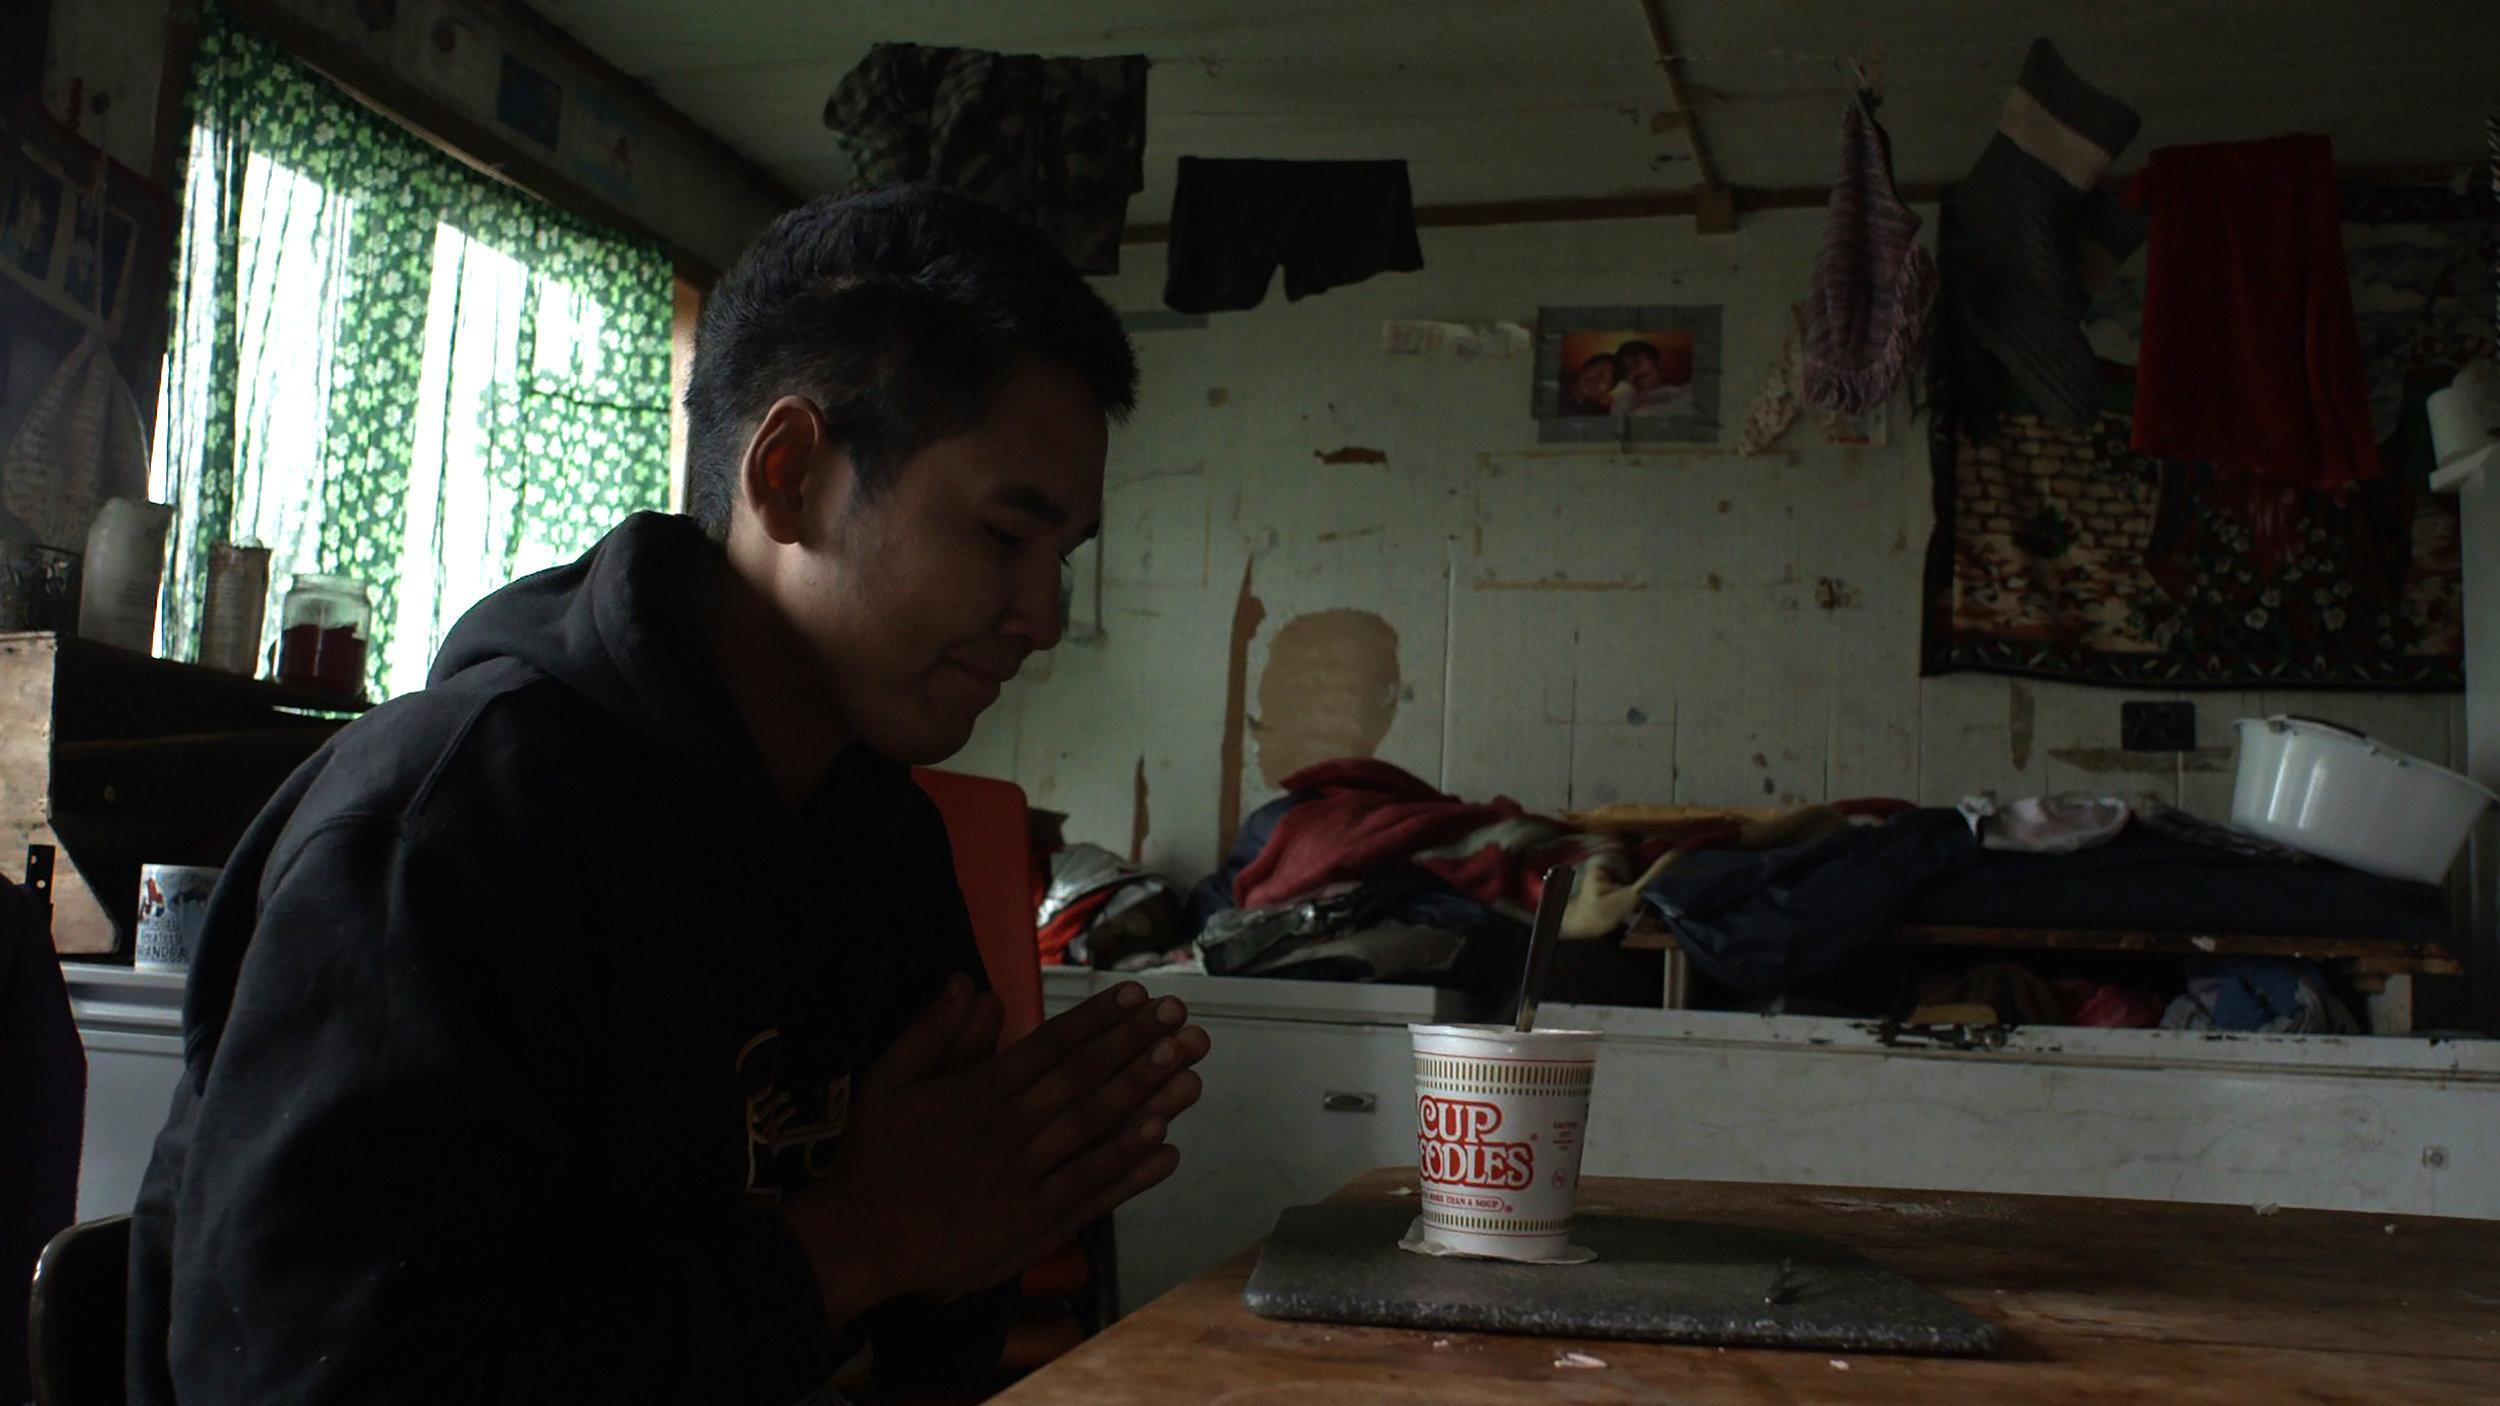 bosco prays (over noodles)-1920x1080-20161106-210406-600380-UMK-UMD-PICT.jpg